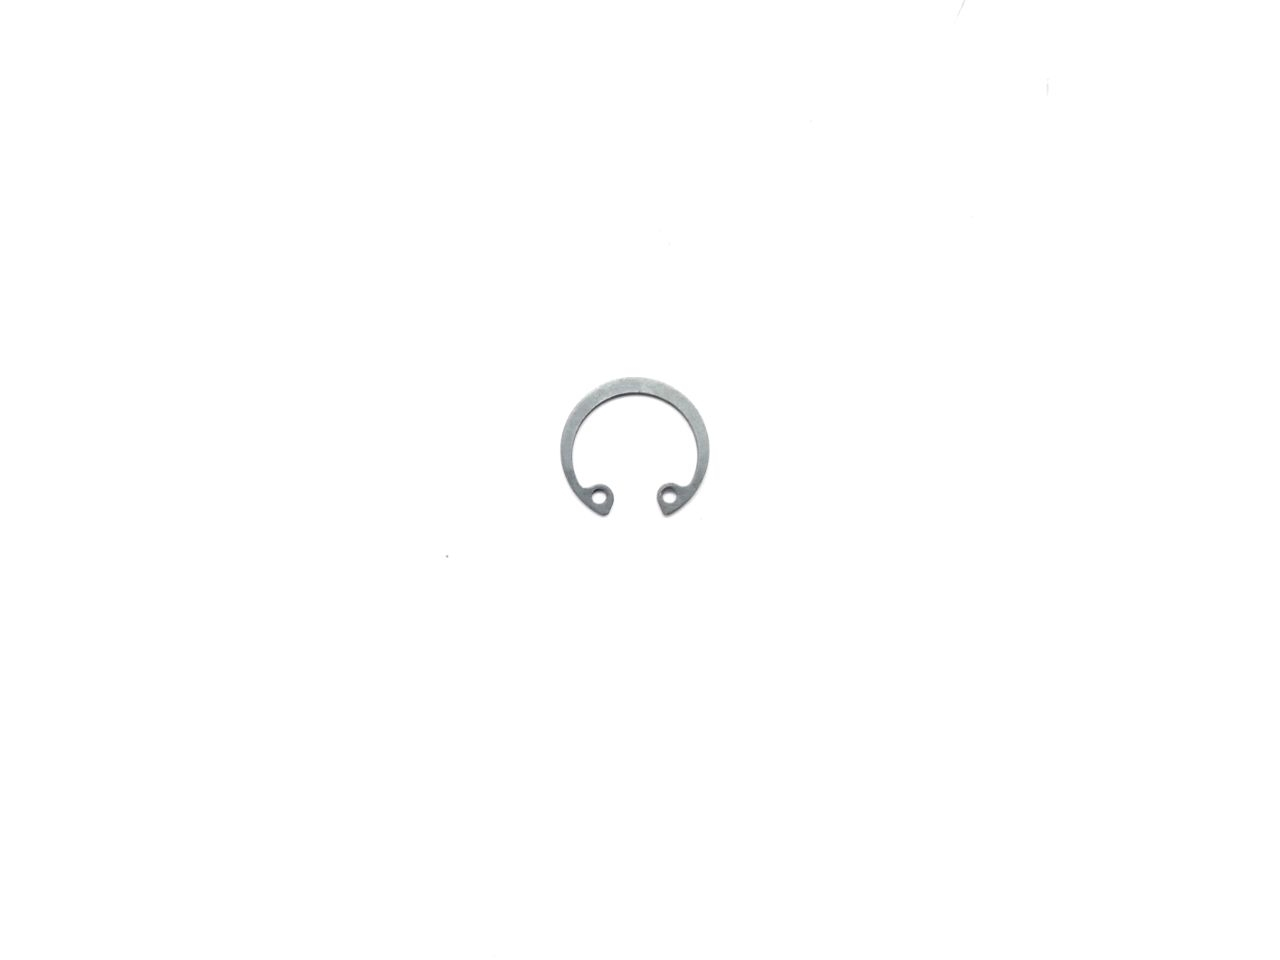 Inel de siguranţă (d=20, A20G-13943)